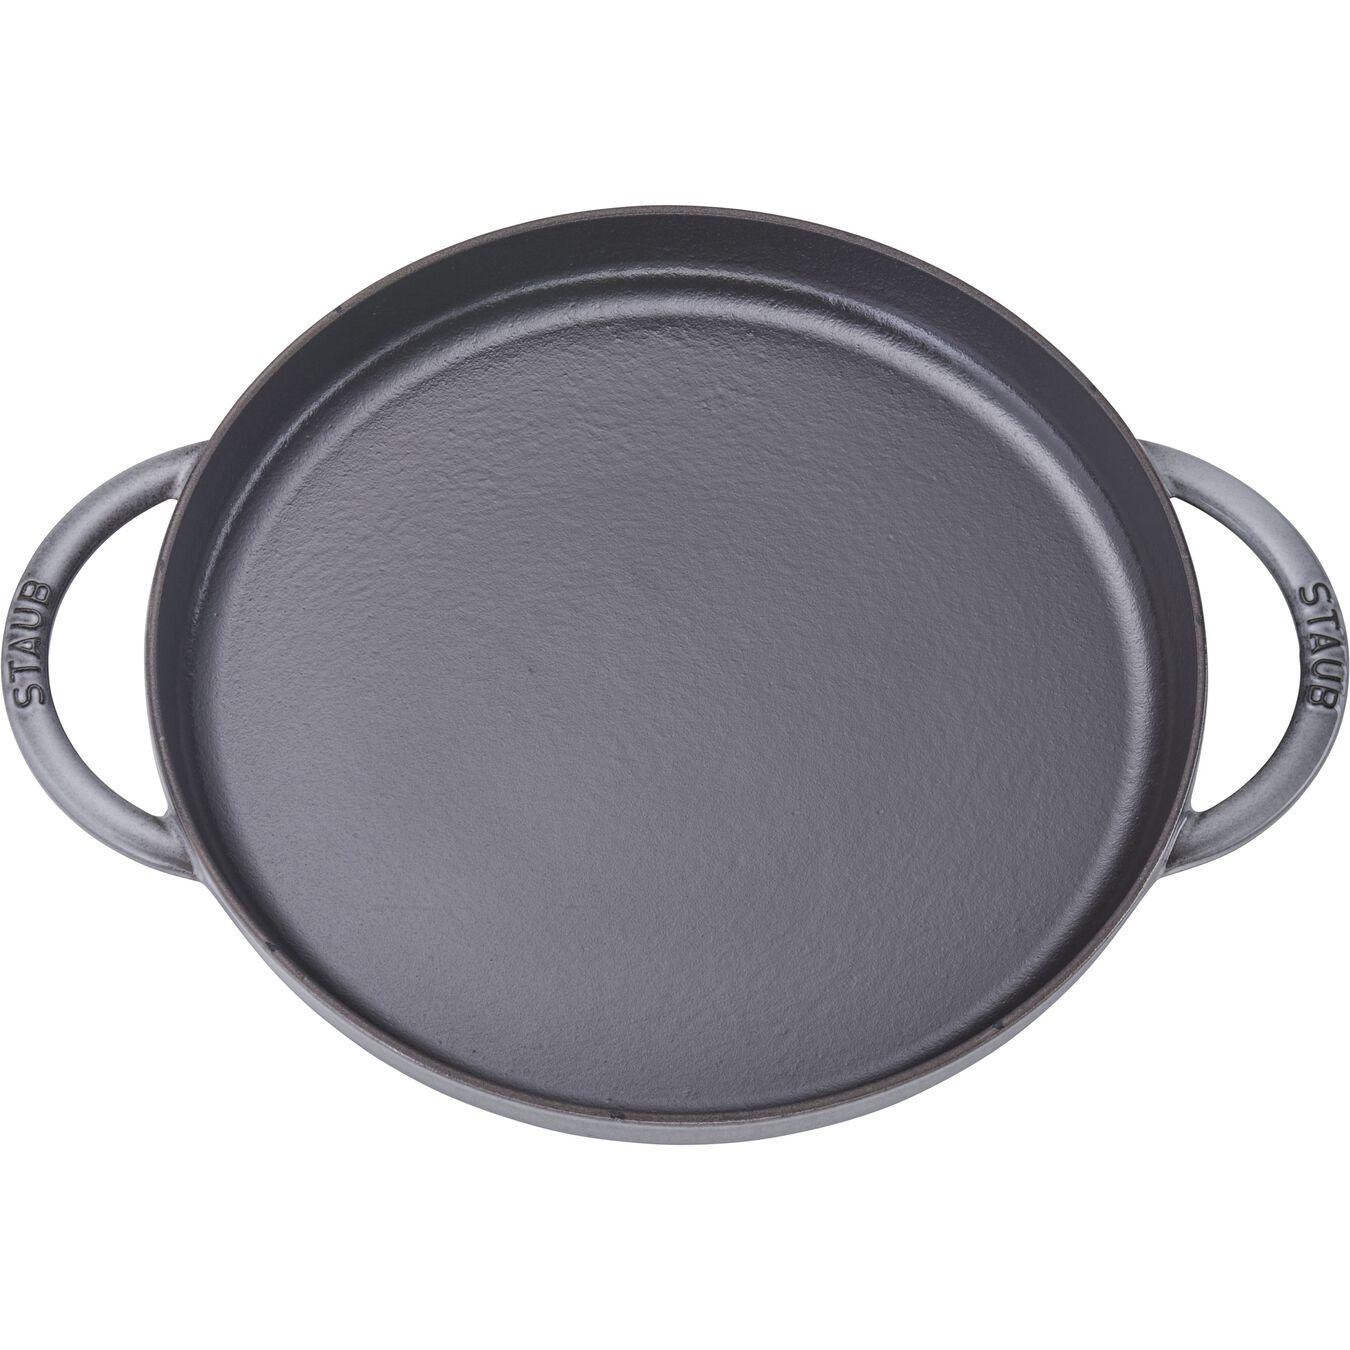 12-inch Chicken al Mattone Griddle & Press Set - Graphite Grey,,large 2